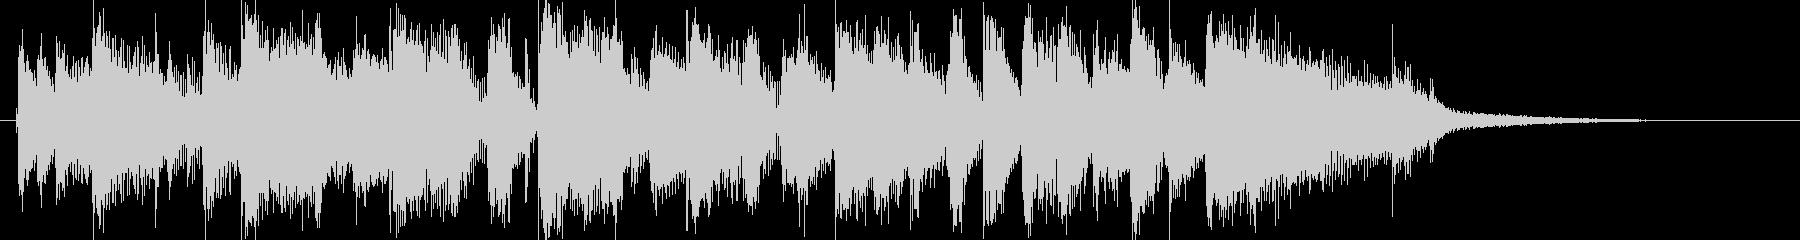 10秒ジングル/ファンクロック/激しいの未再生の波形